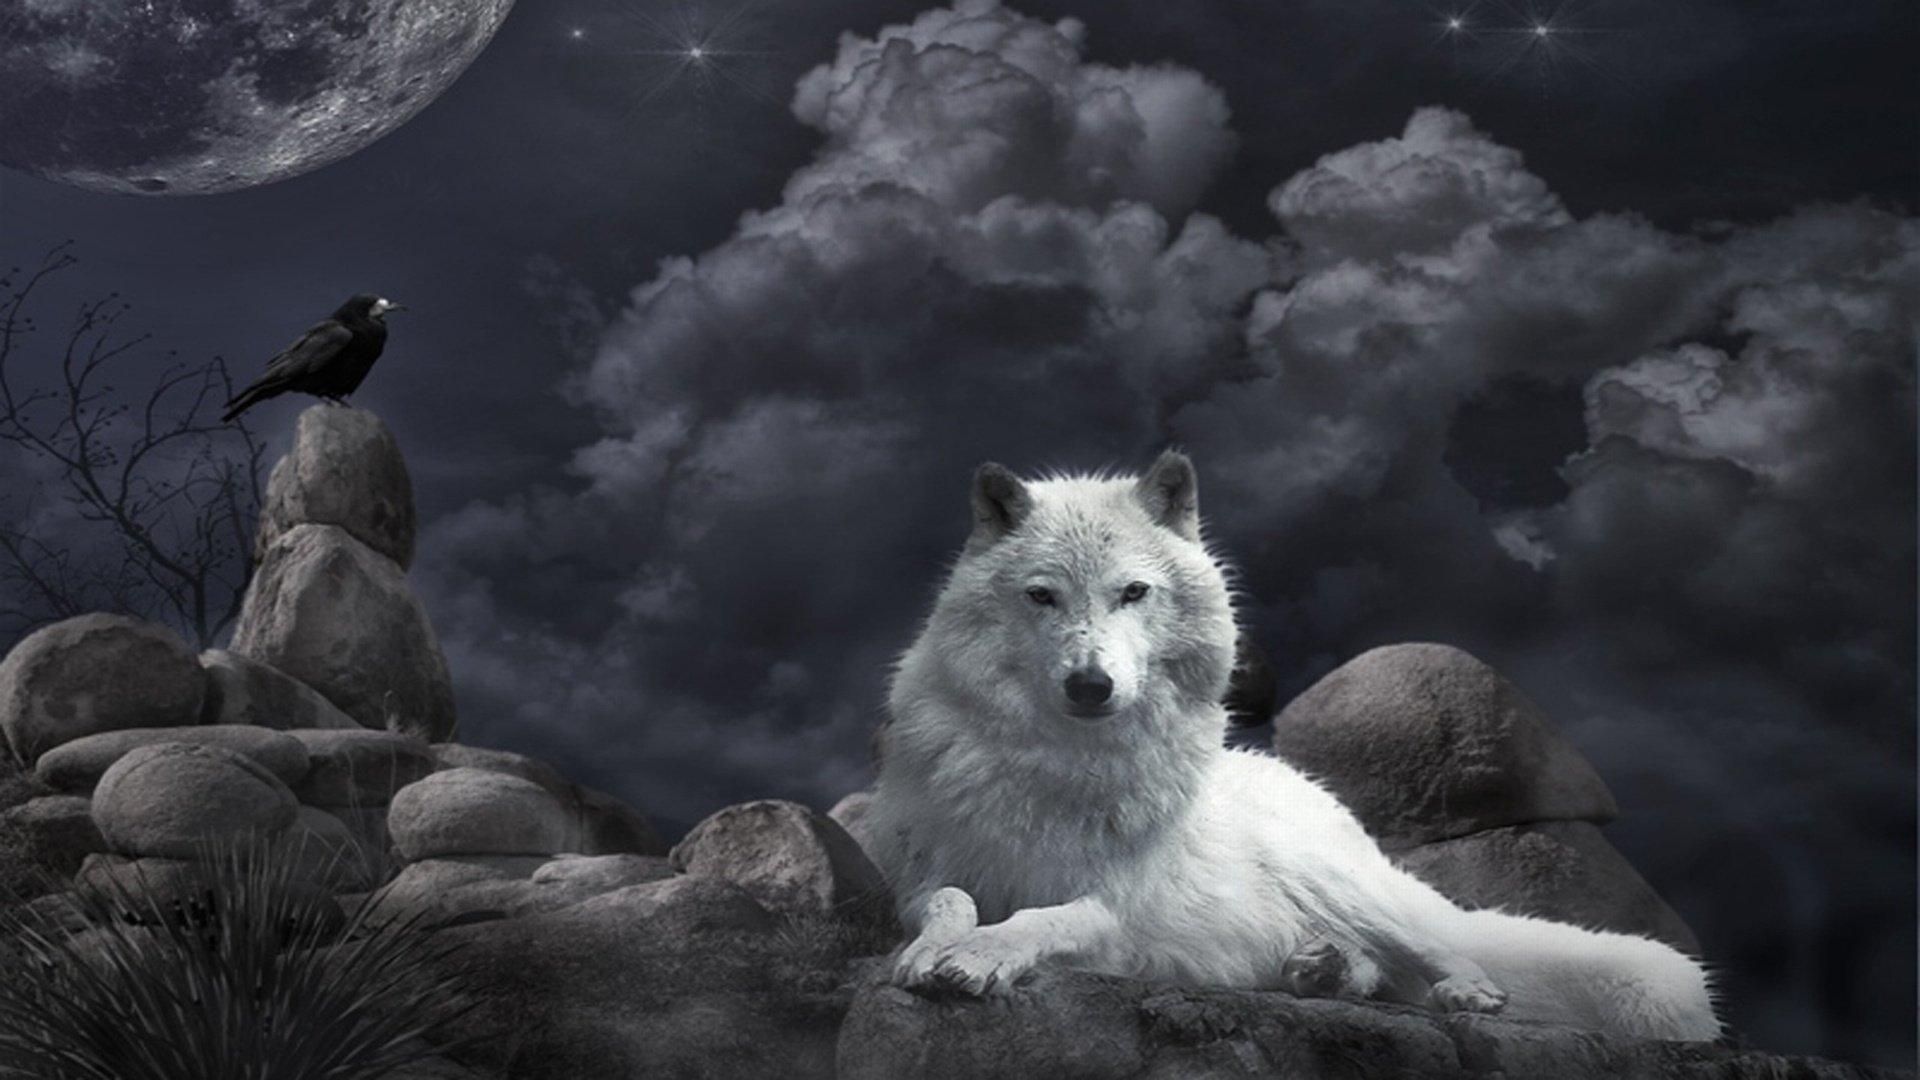 Wolf dark gothic wallpaper 1920x1080 356474 WallpaperUP 1920x1080